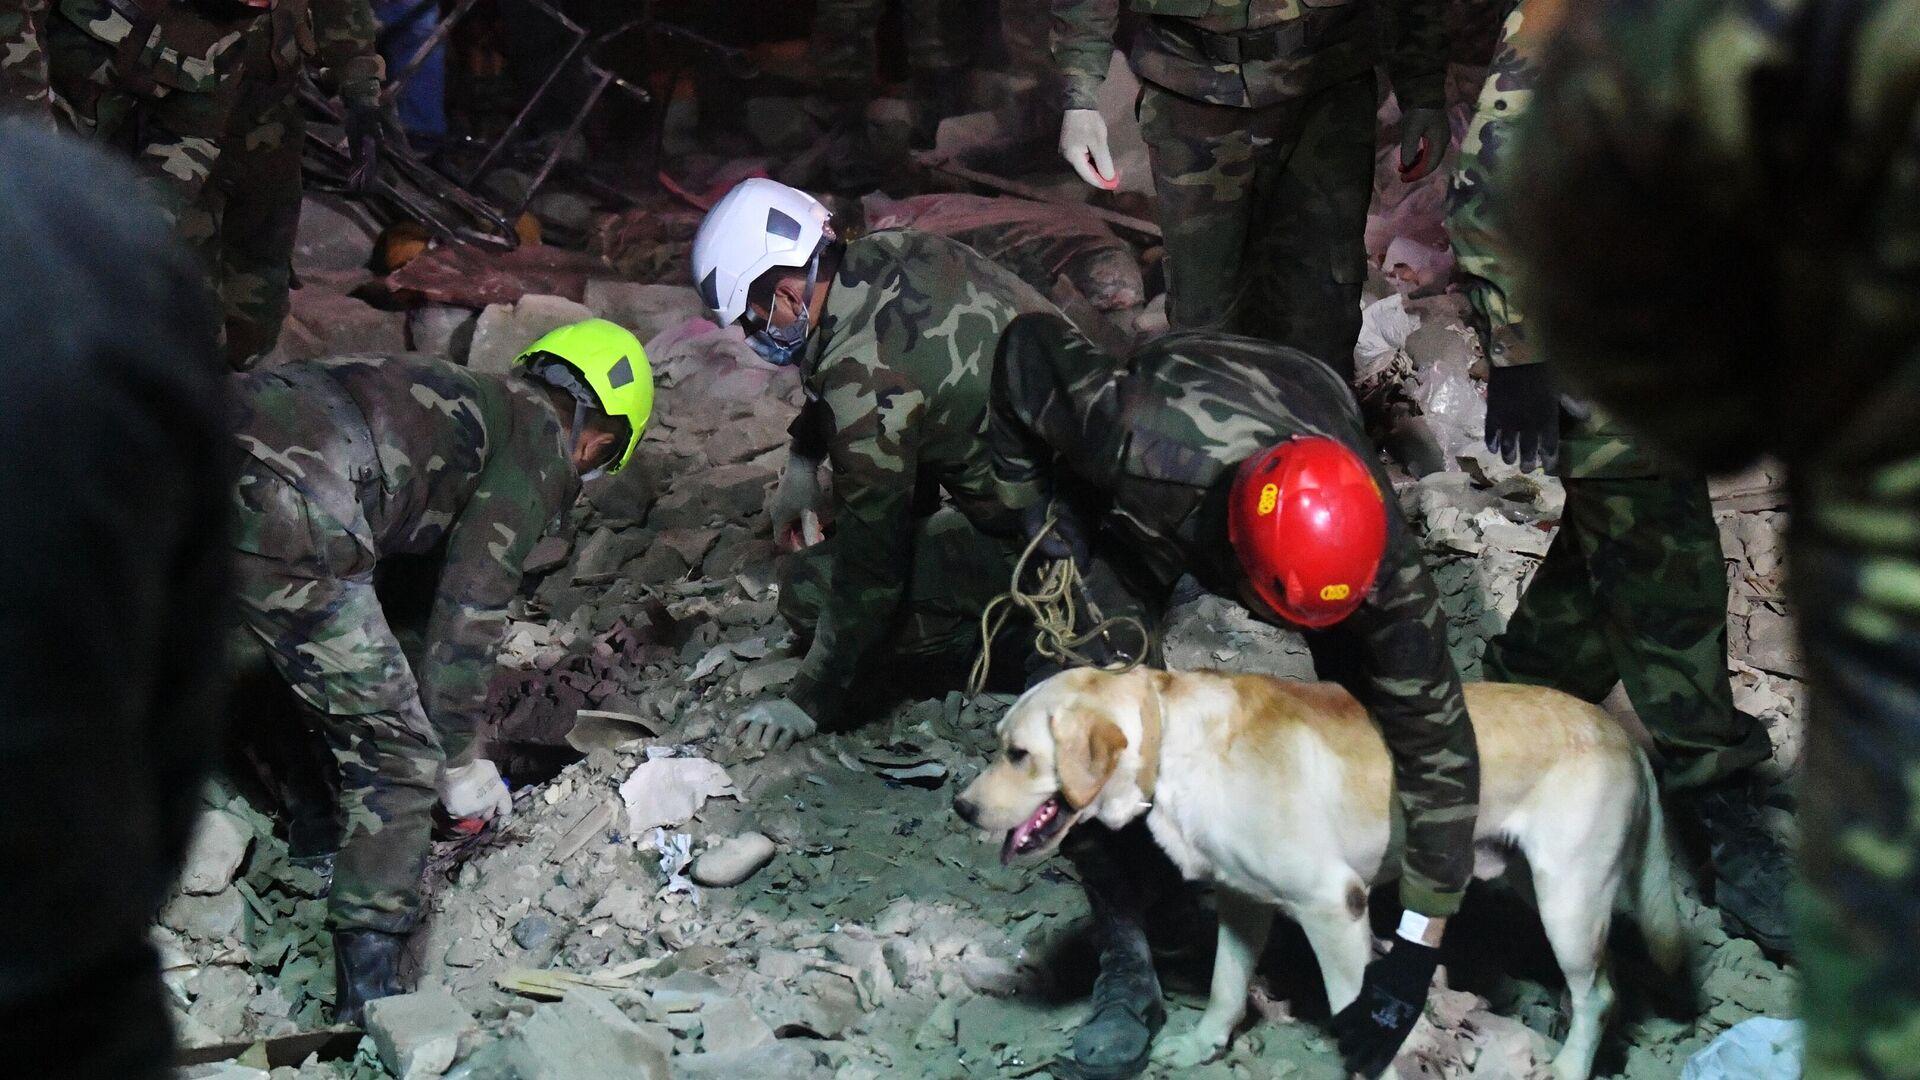 Поисковая собака работает на месте разбора завалов разрушенных домов после ракетного обстрела города Гянджа. - РИА Новости, 1920, 17.10.2020